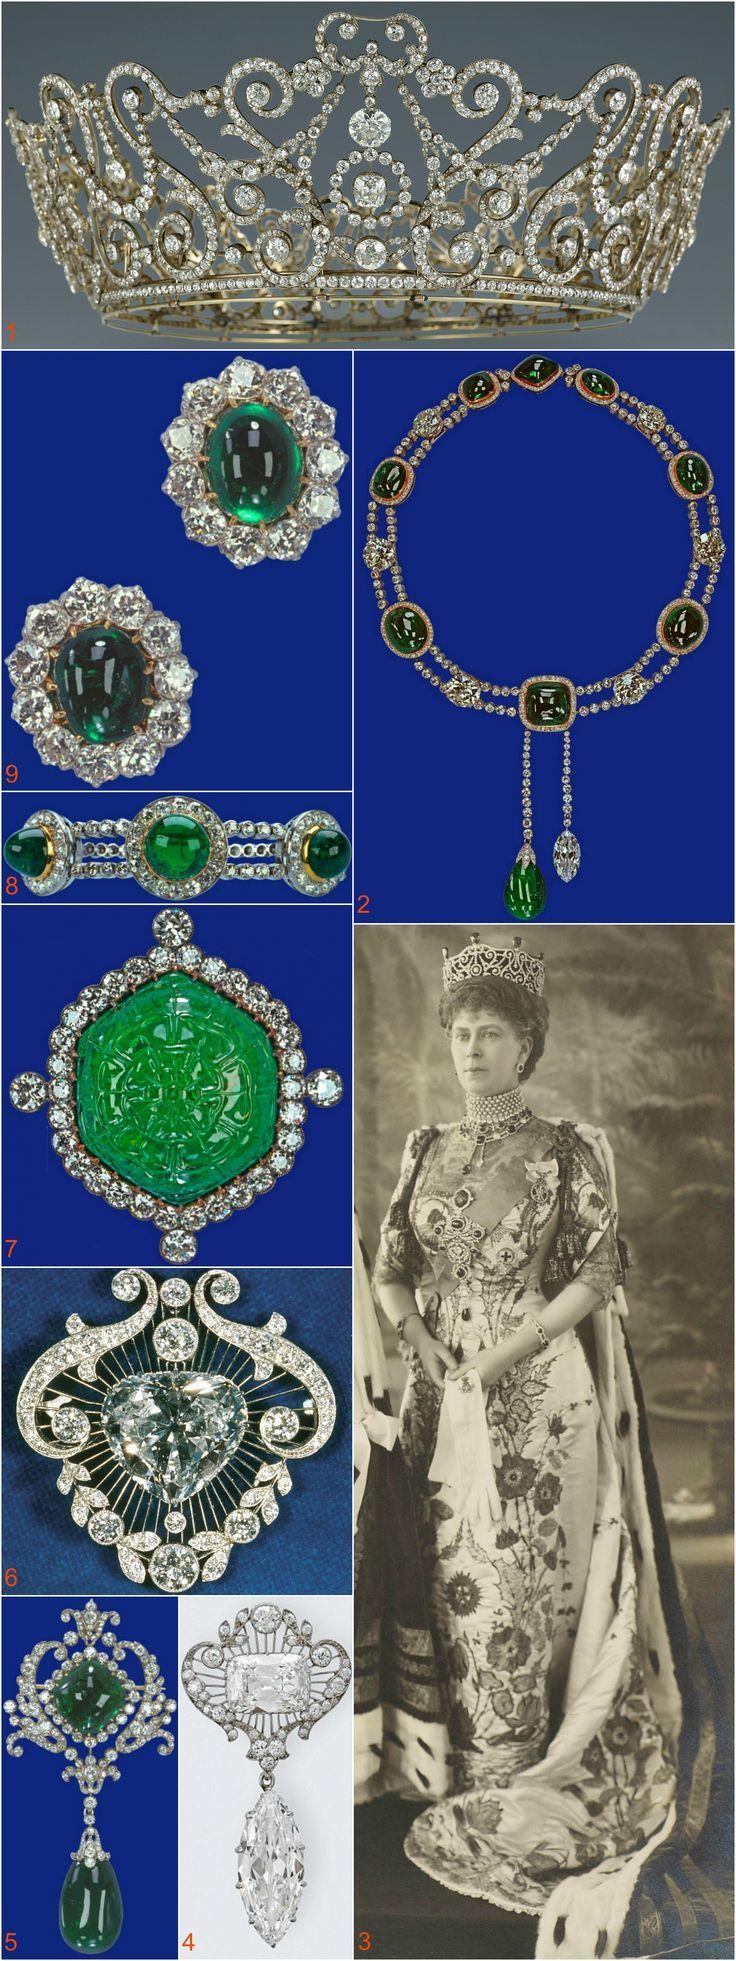 Gli Arcani Supremi (Vox clamantis in deserto - Gothian): I gioielli della regina Mary